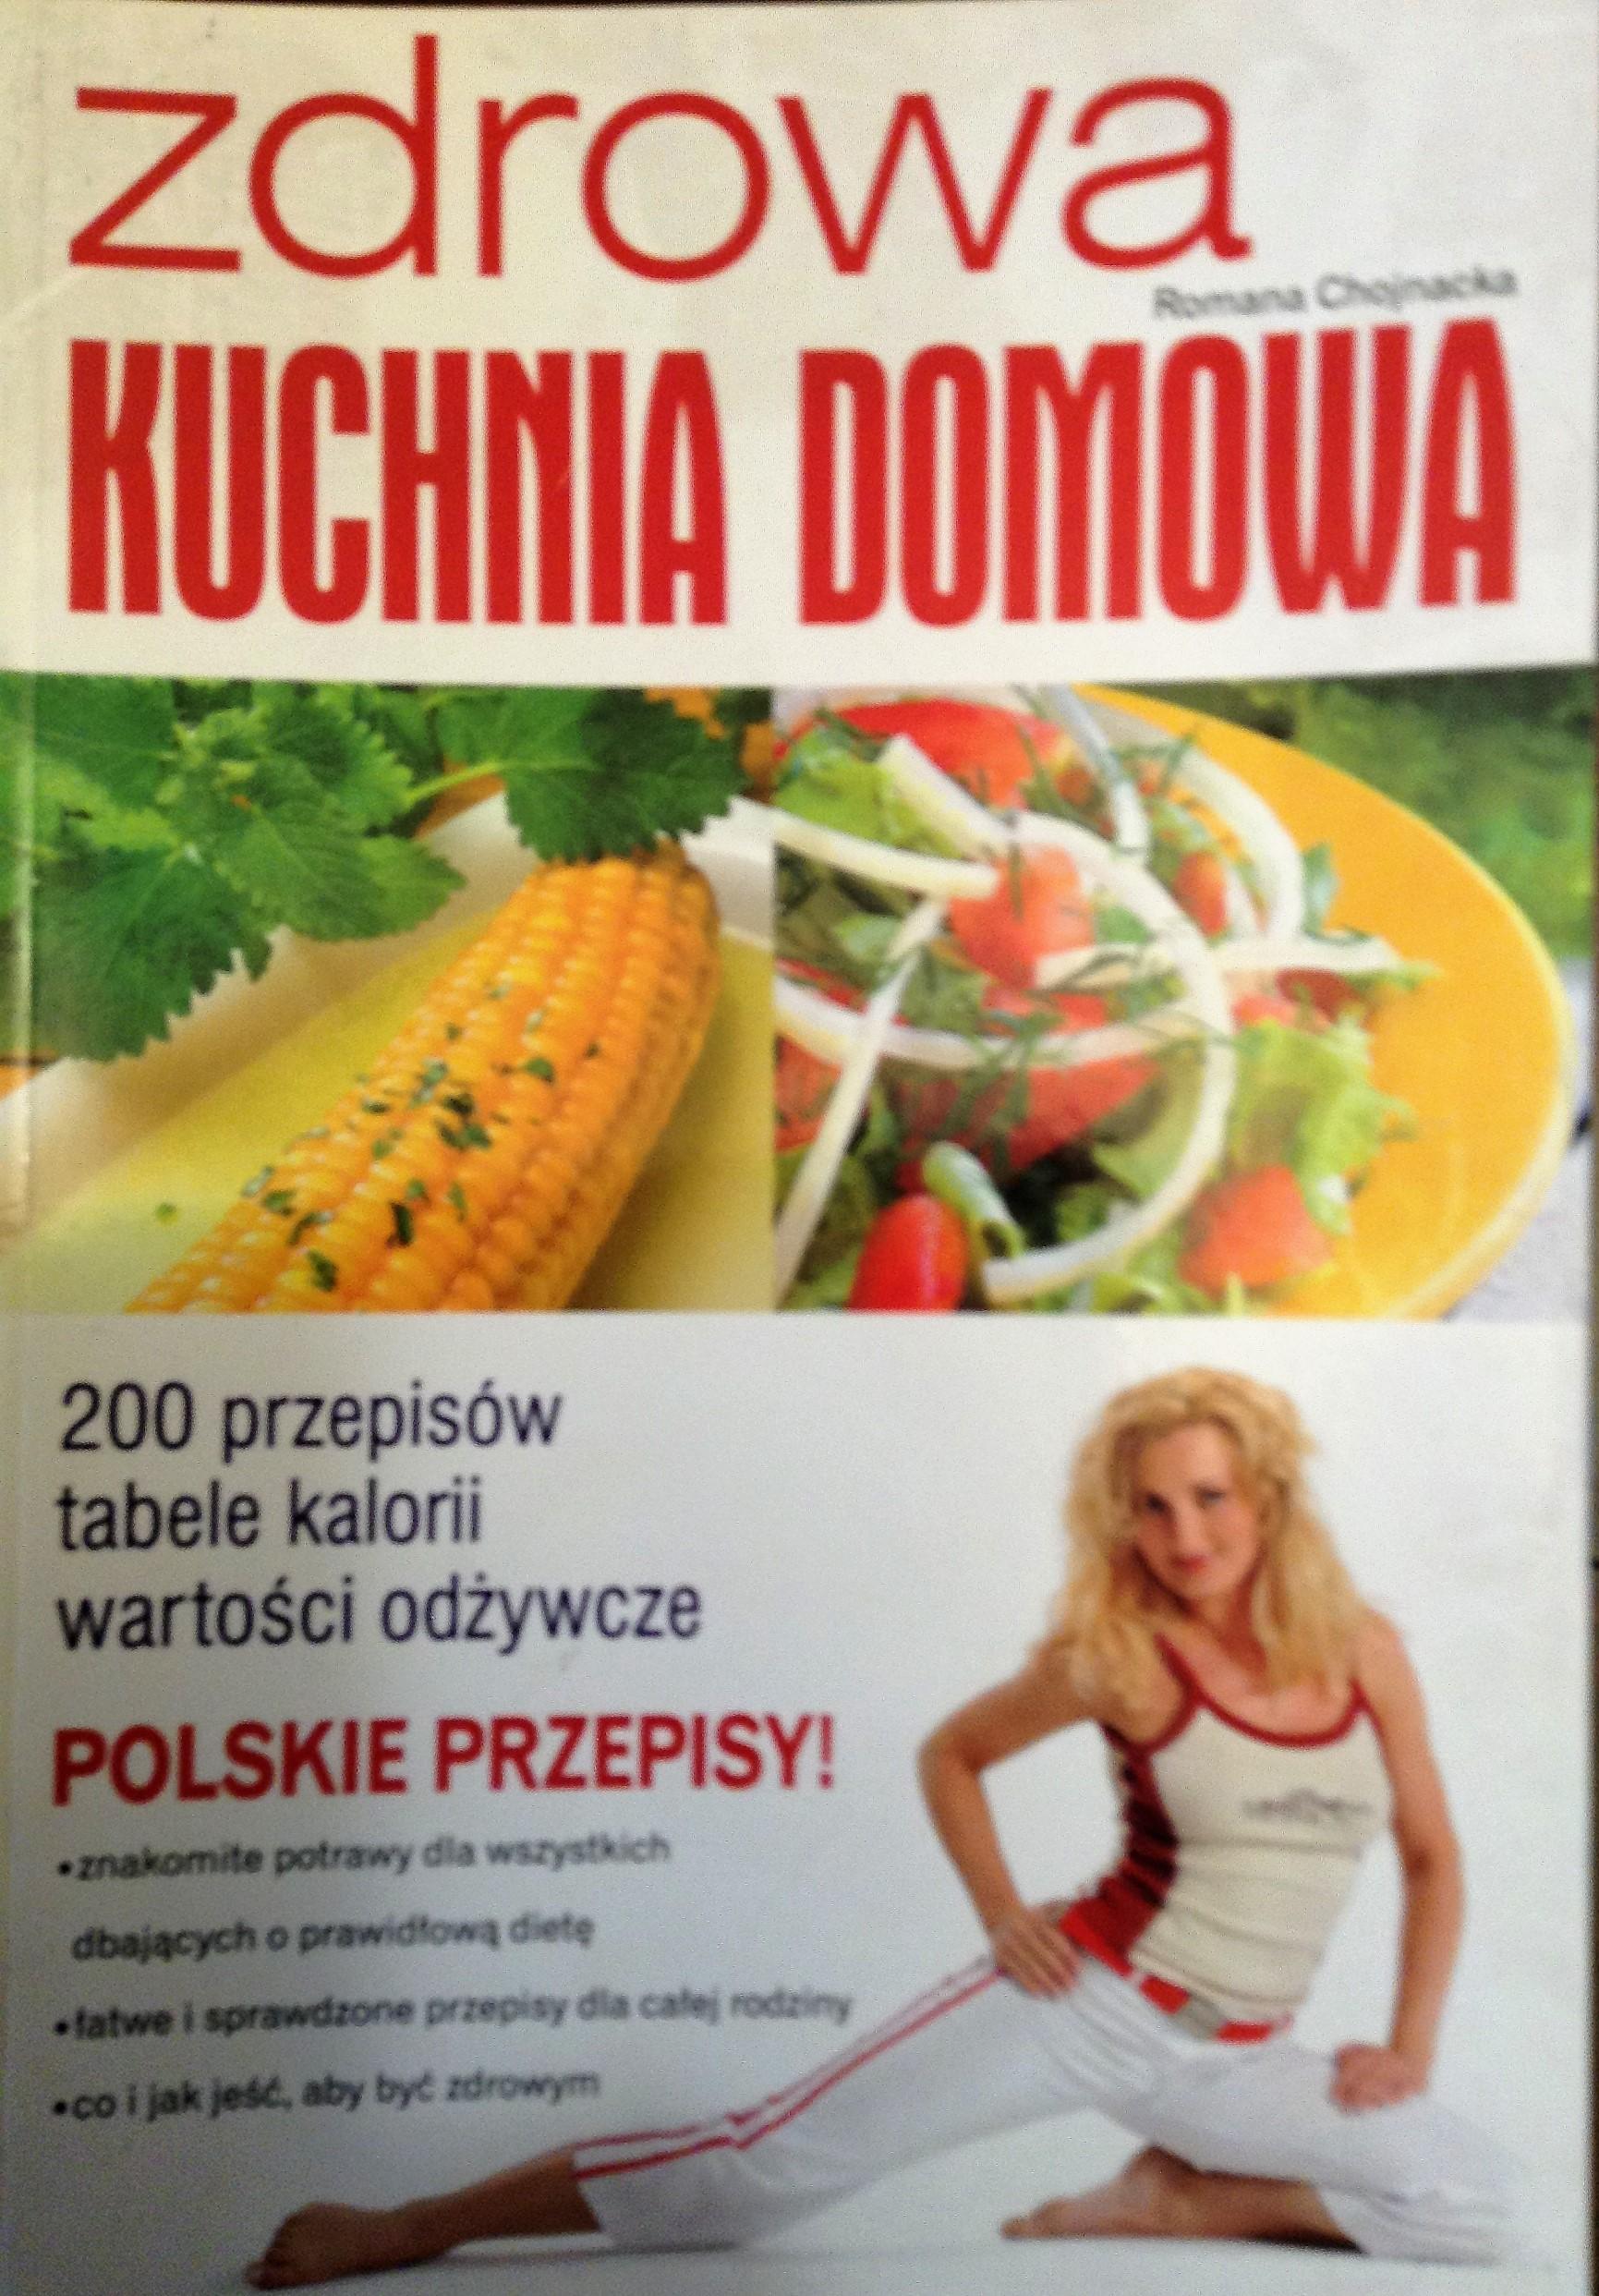 Chojnacka Romana Zdrowa Kuchnia Domowa 7308662020